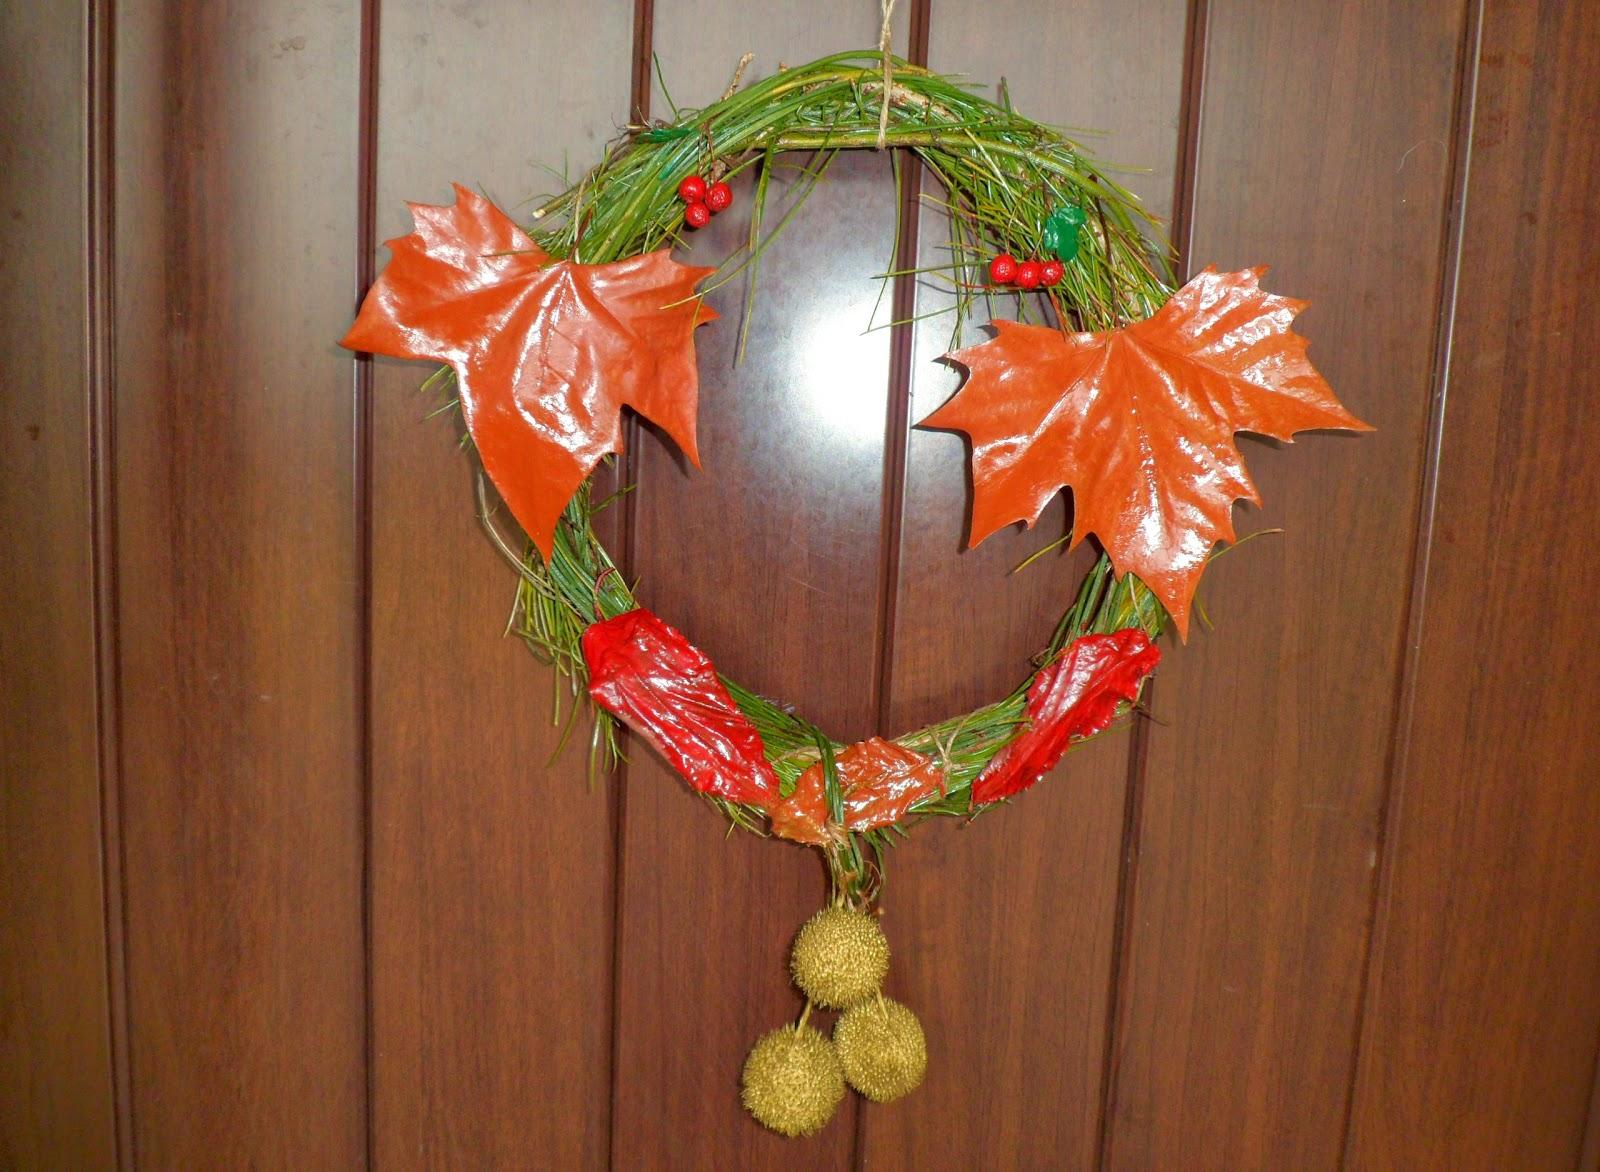 El arte de la naturaleza adornos de navidad artesanales - Adornos navidenos artesanales ...